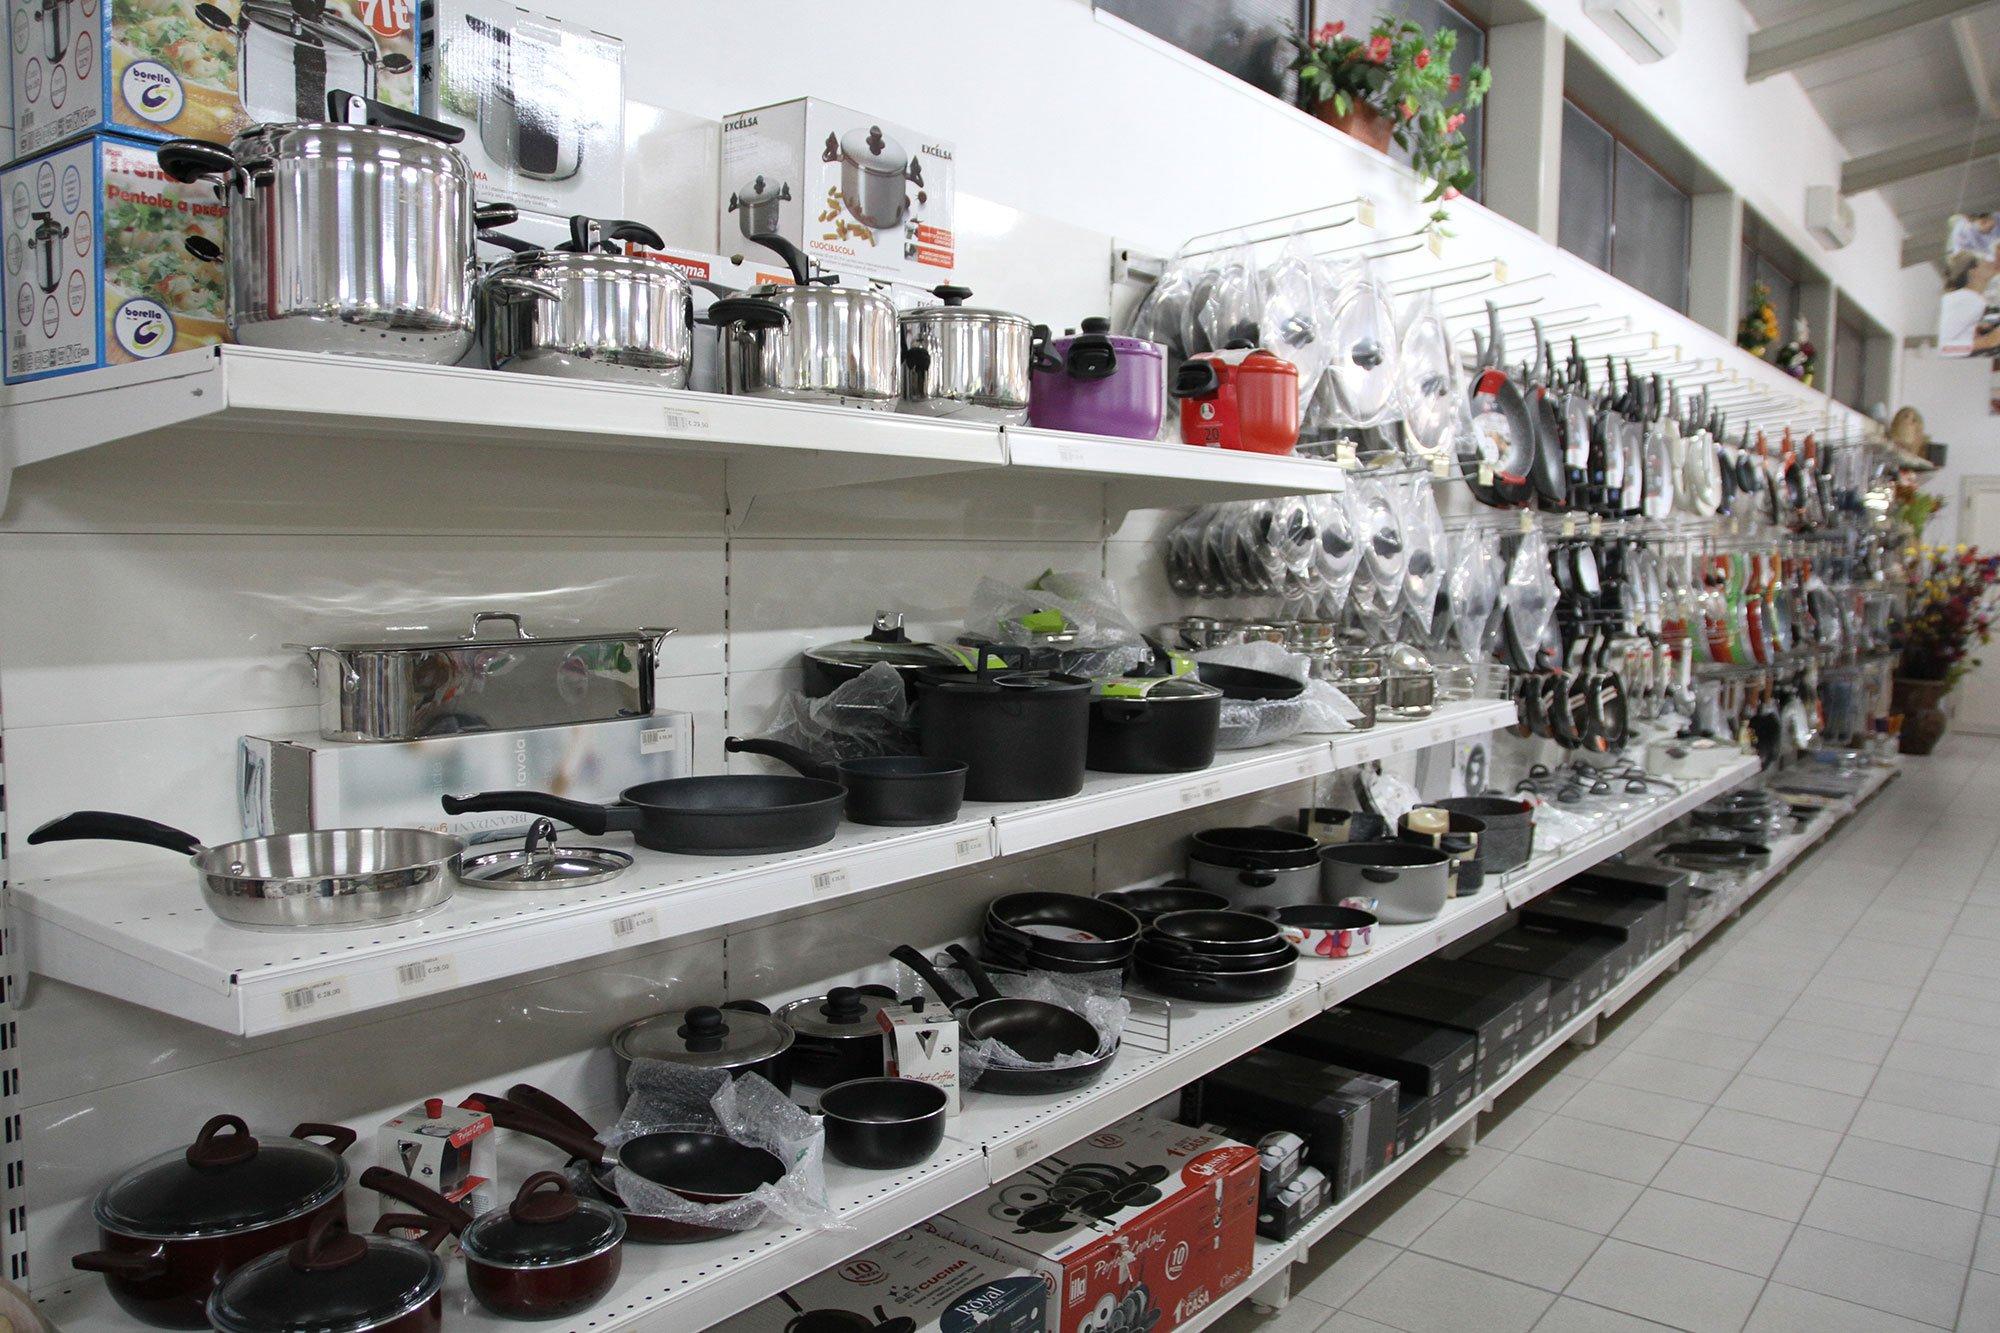 esposizione articoli da cucina